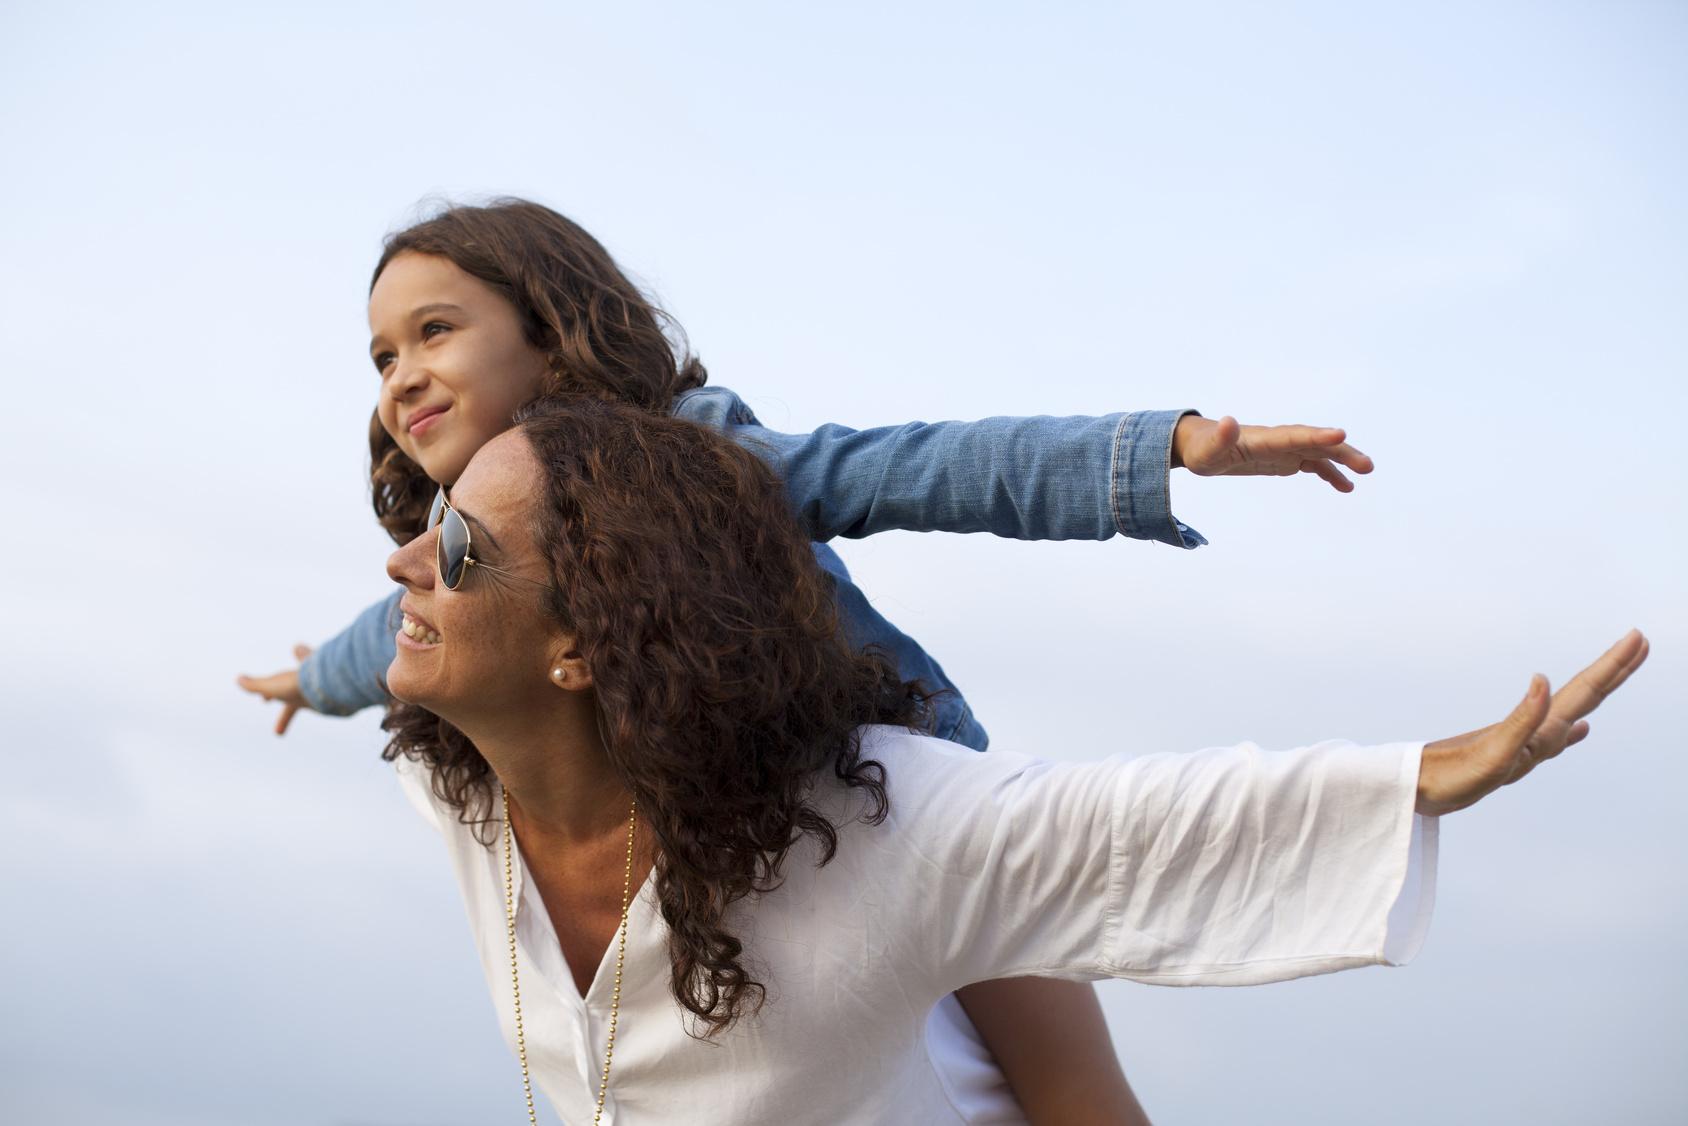 Madre e hija jugando a volar